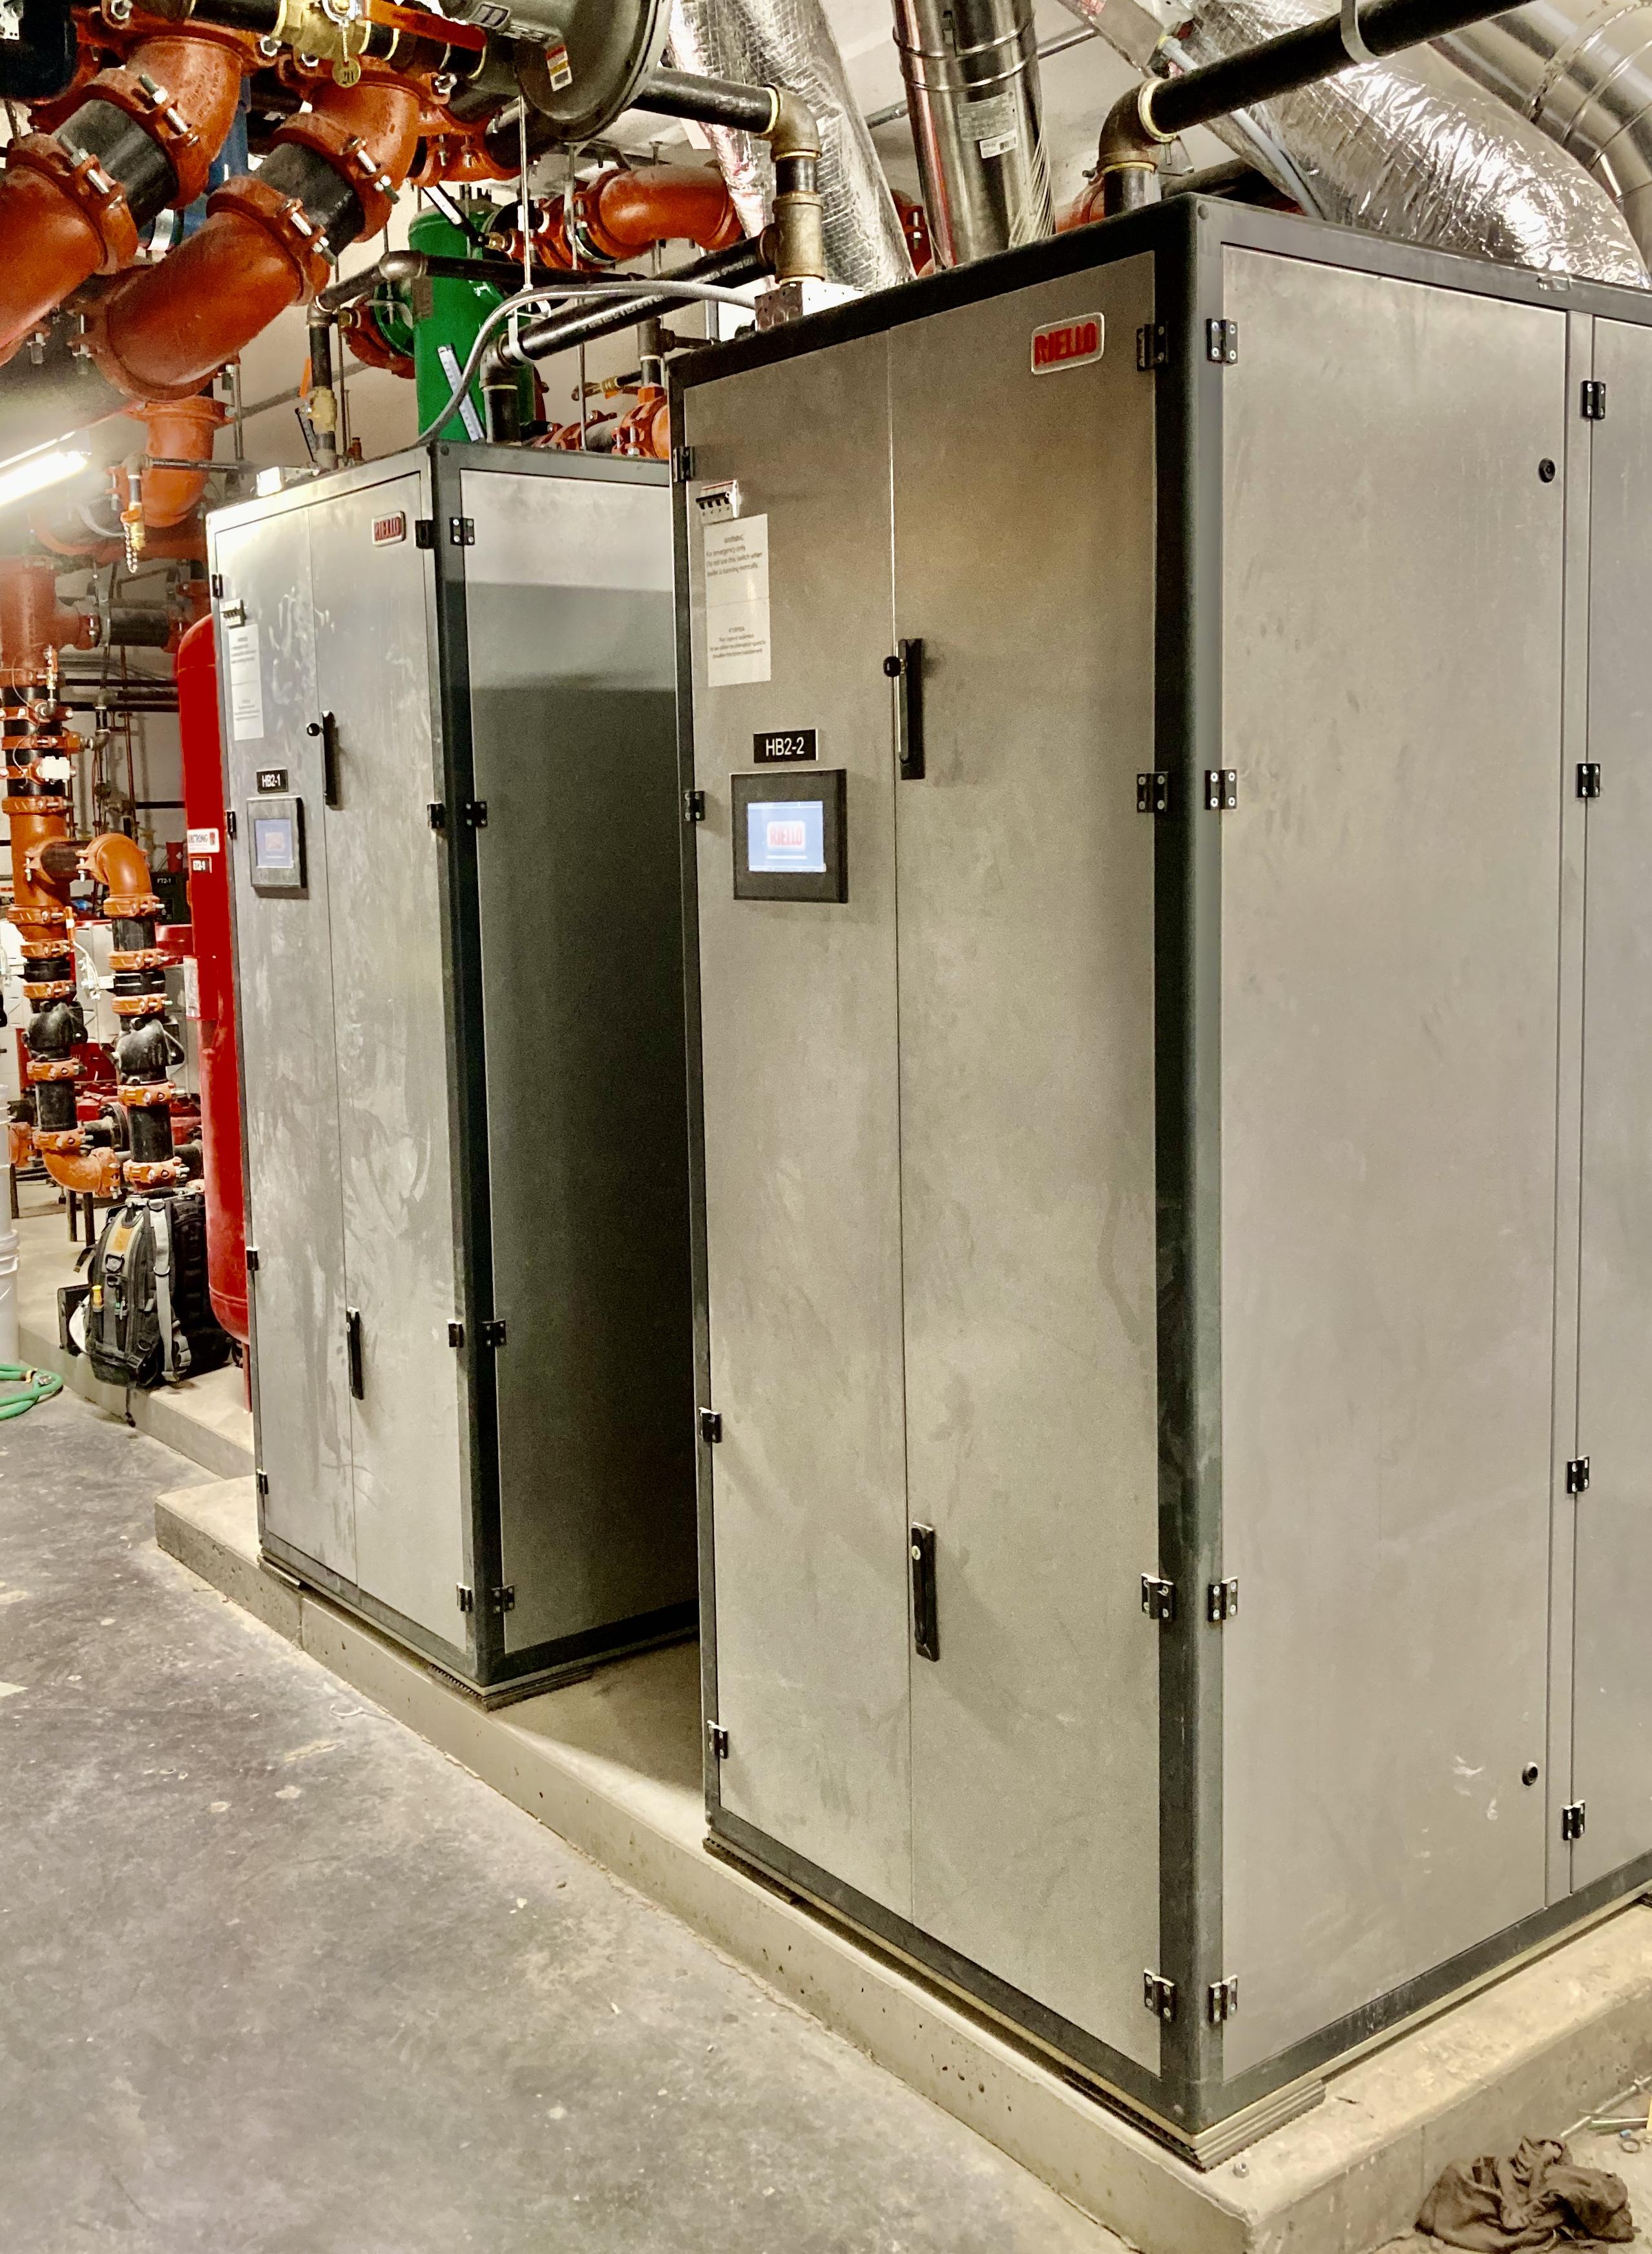 2X RIello ARRAY™ AR-4000 Boilers, Kingsland Junction Building 1-2-3 Central Boiler Plant